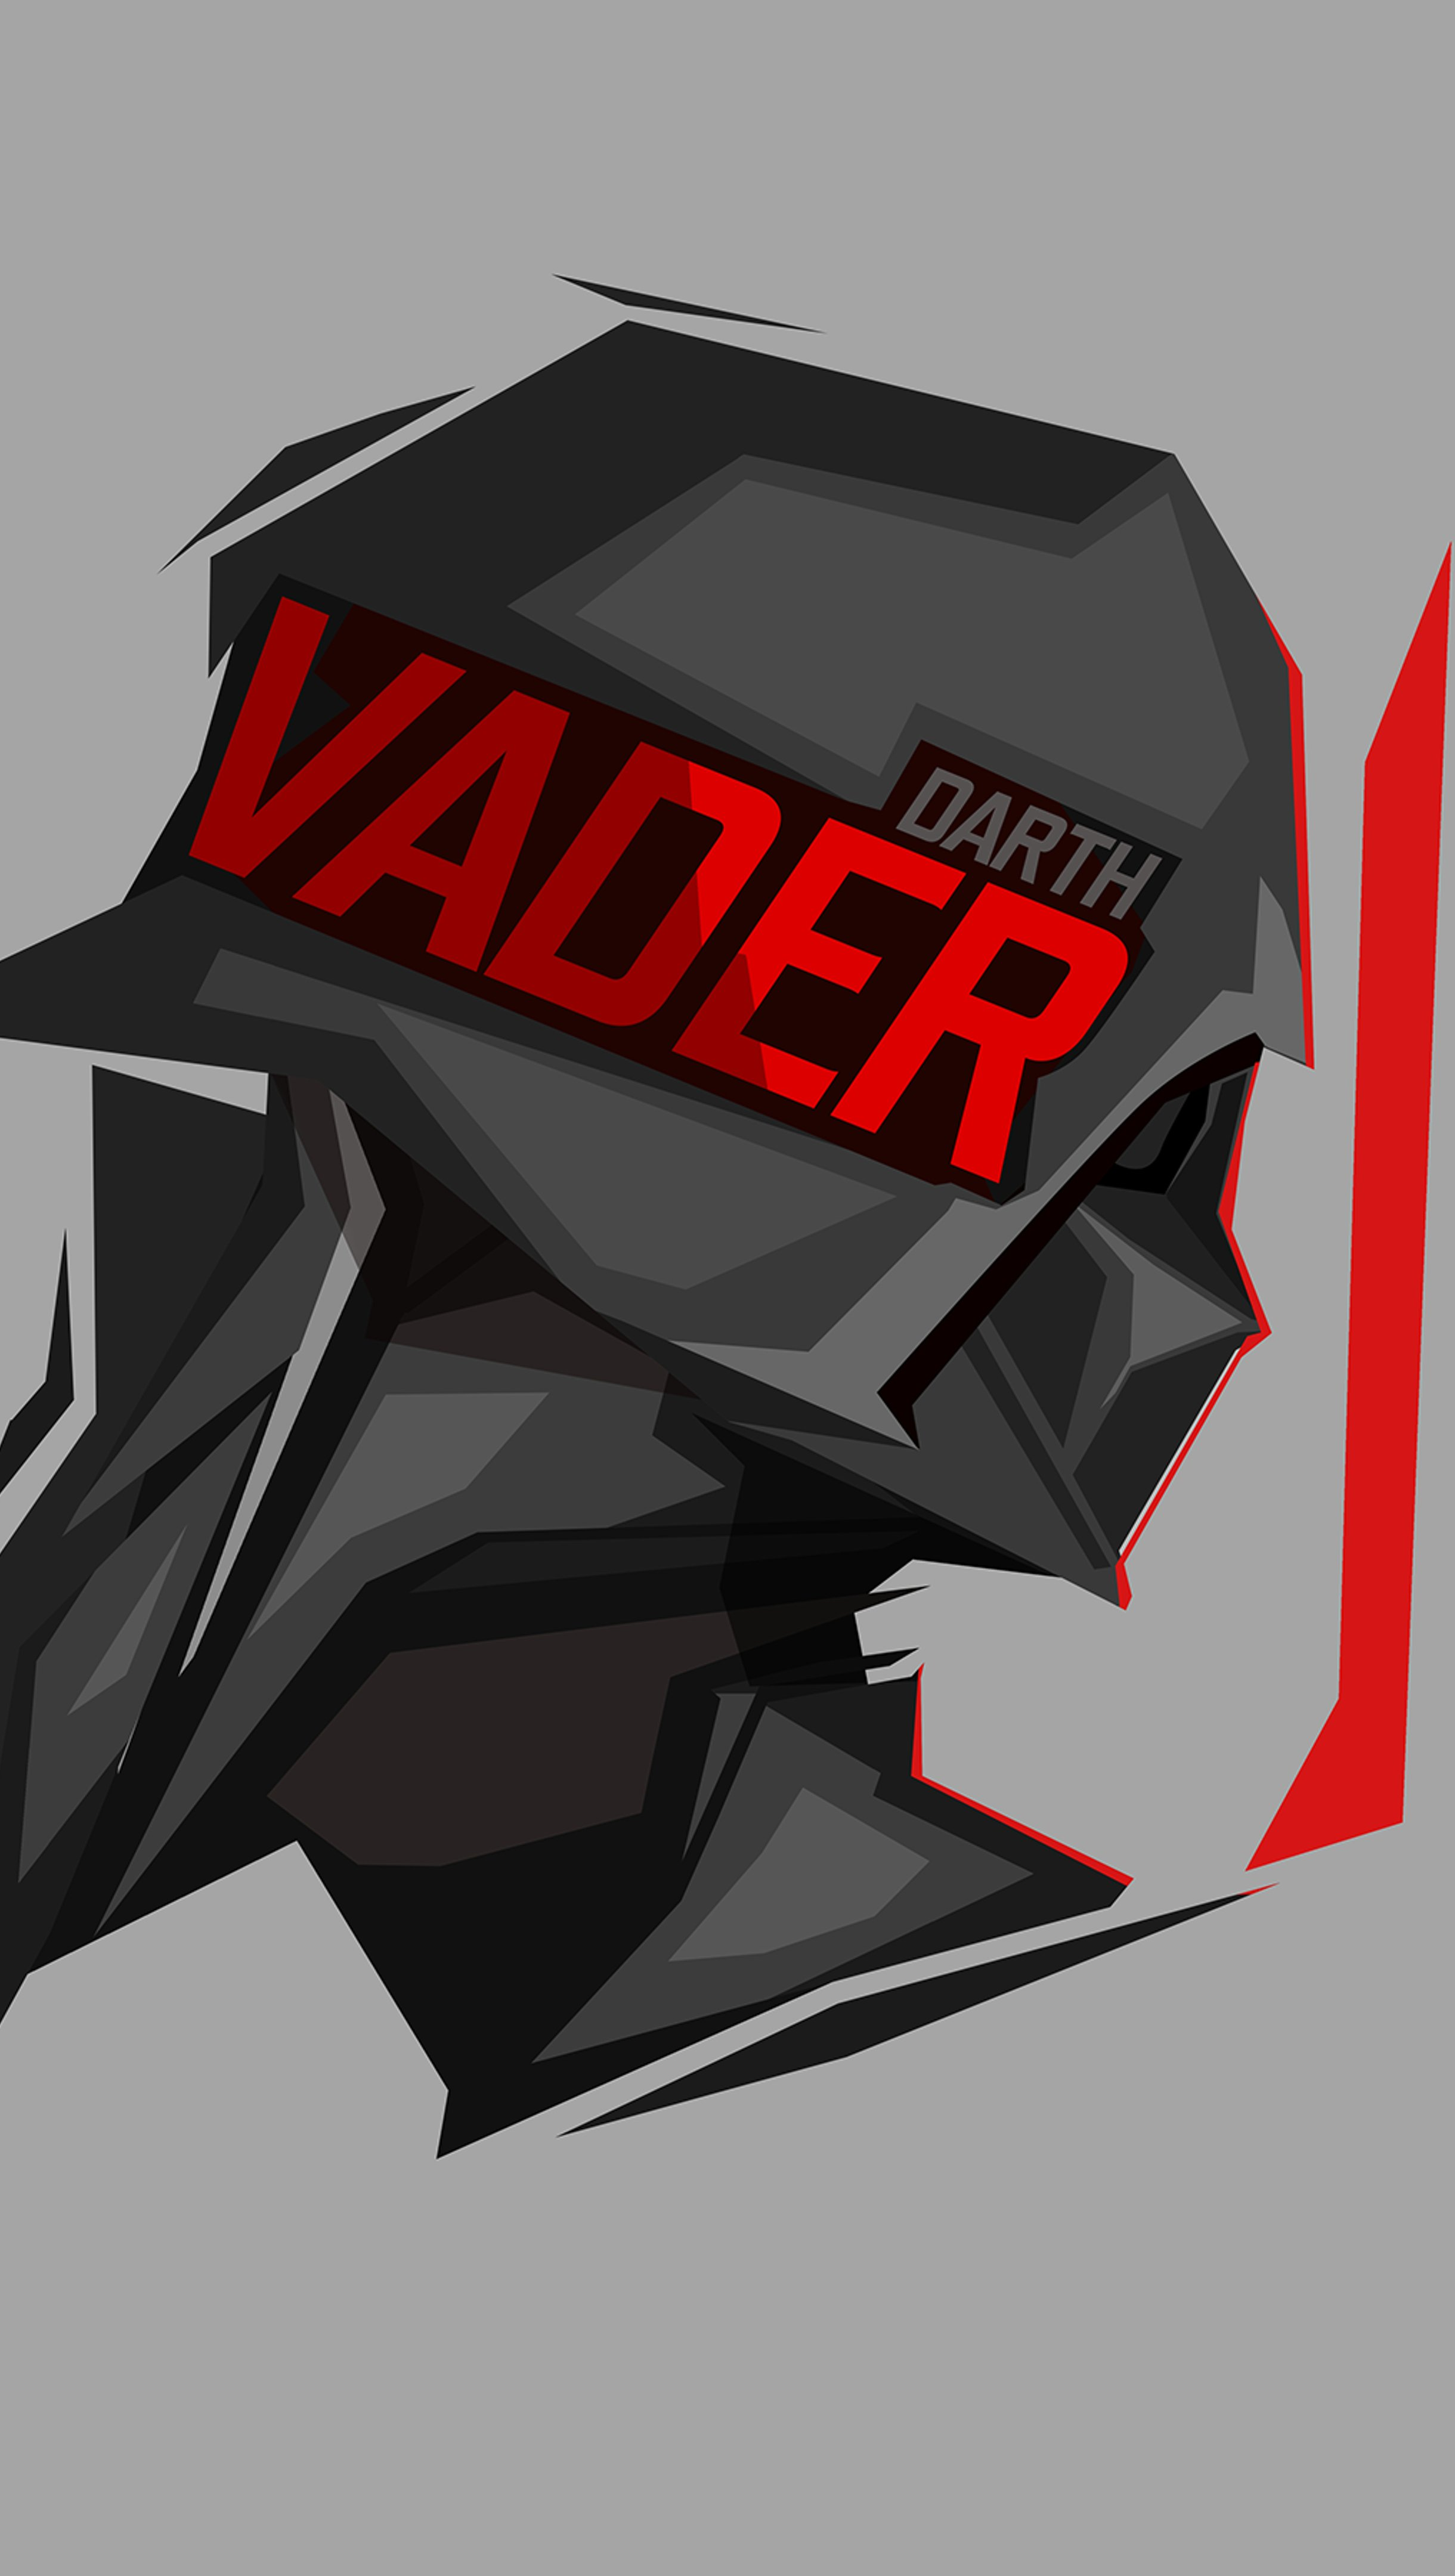 Fondos de pantalla Darth Vader Star Wars Ilustración Vertical